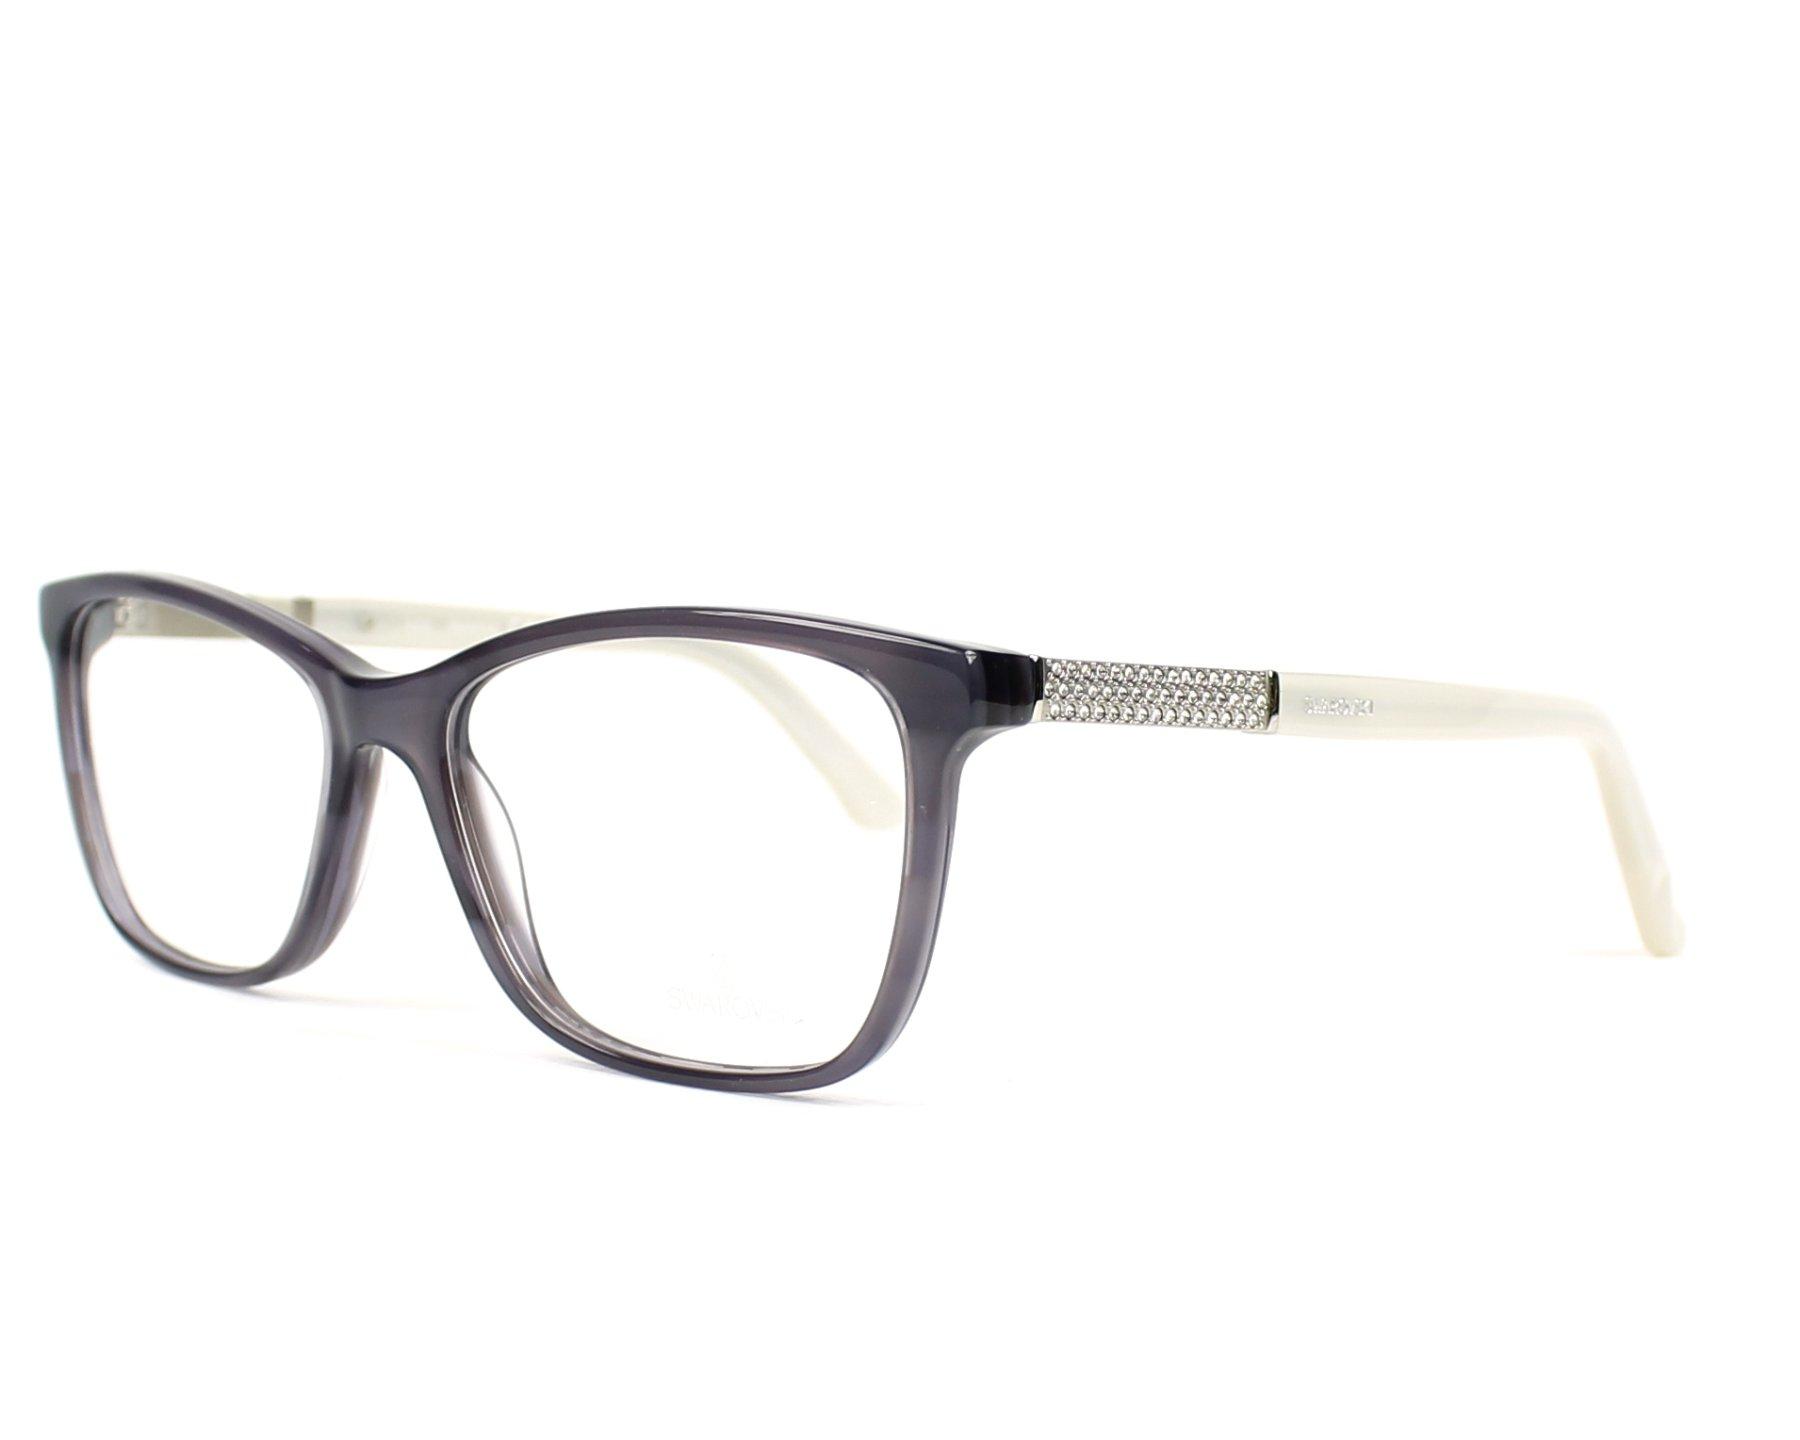 Wunderbar Swarovski Brillenfassungen Galerie - Benutzerdefinierte ...